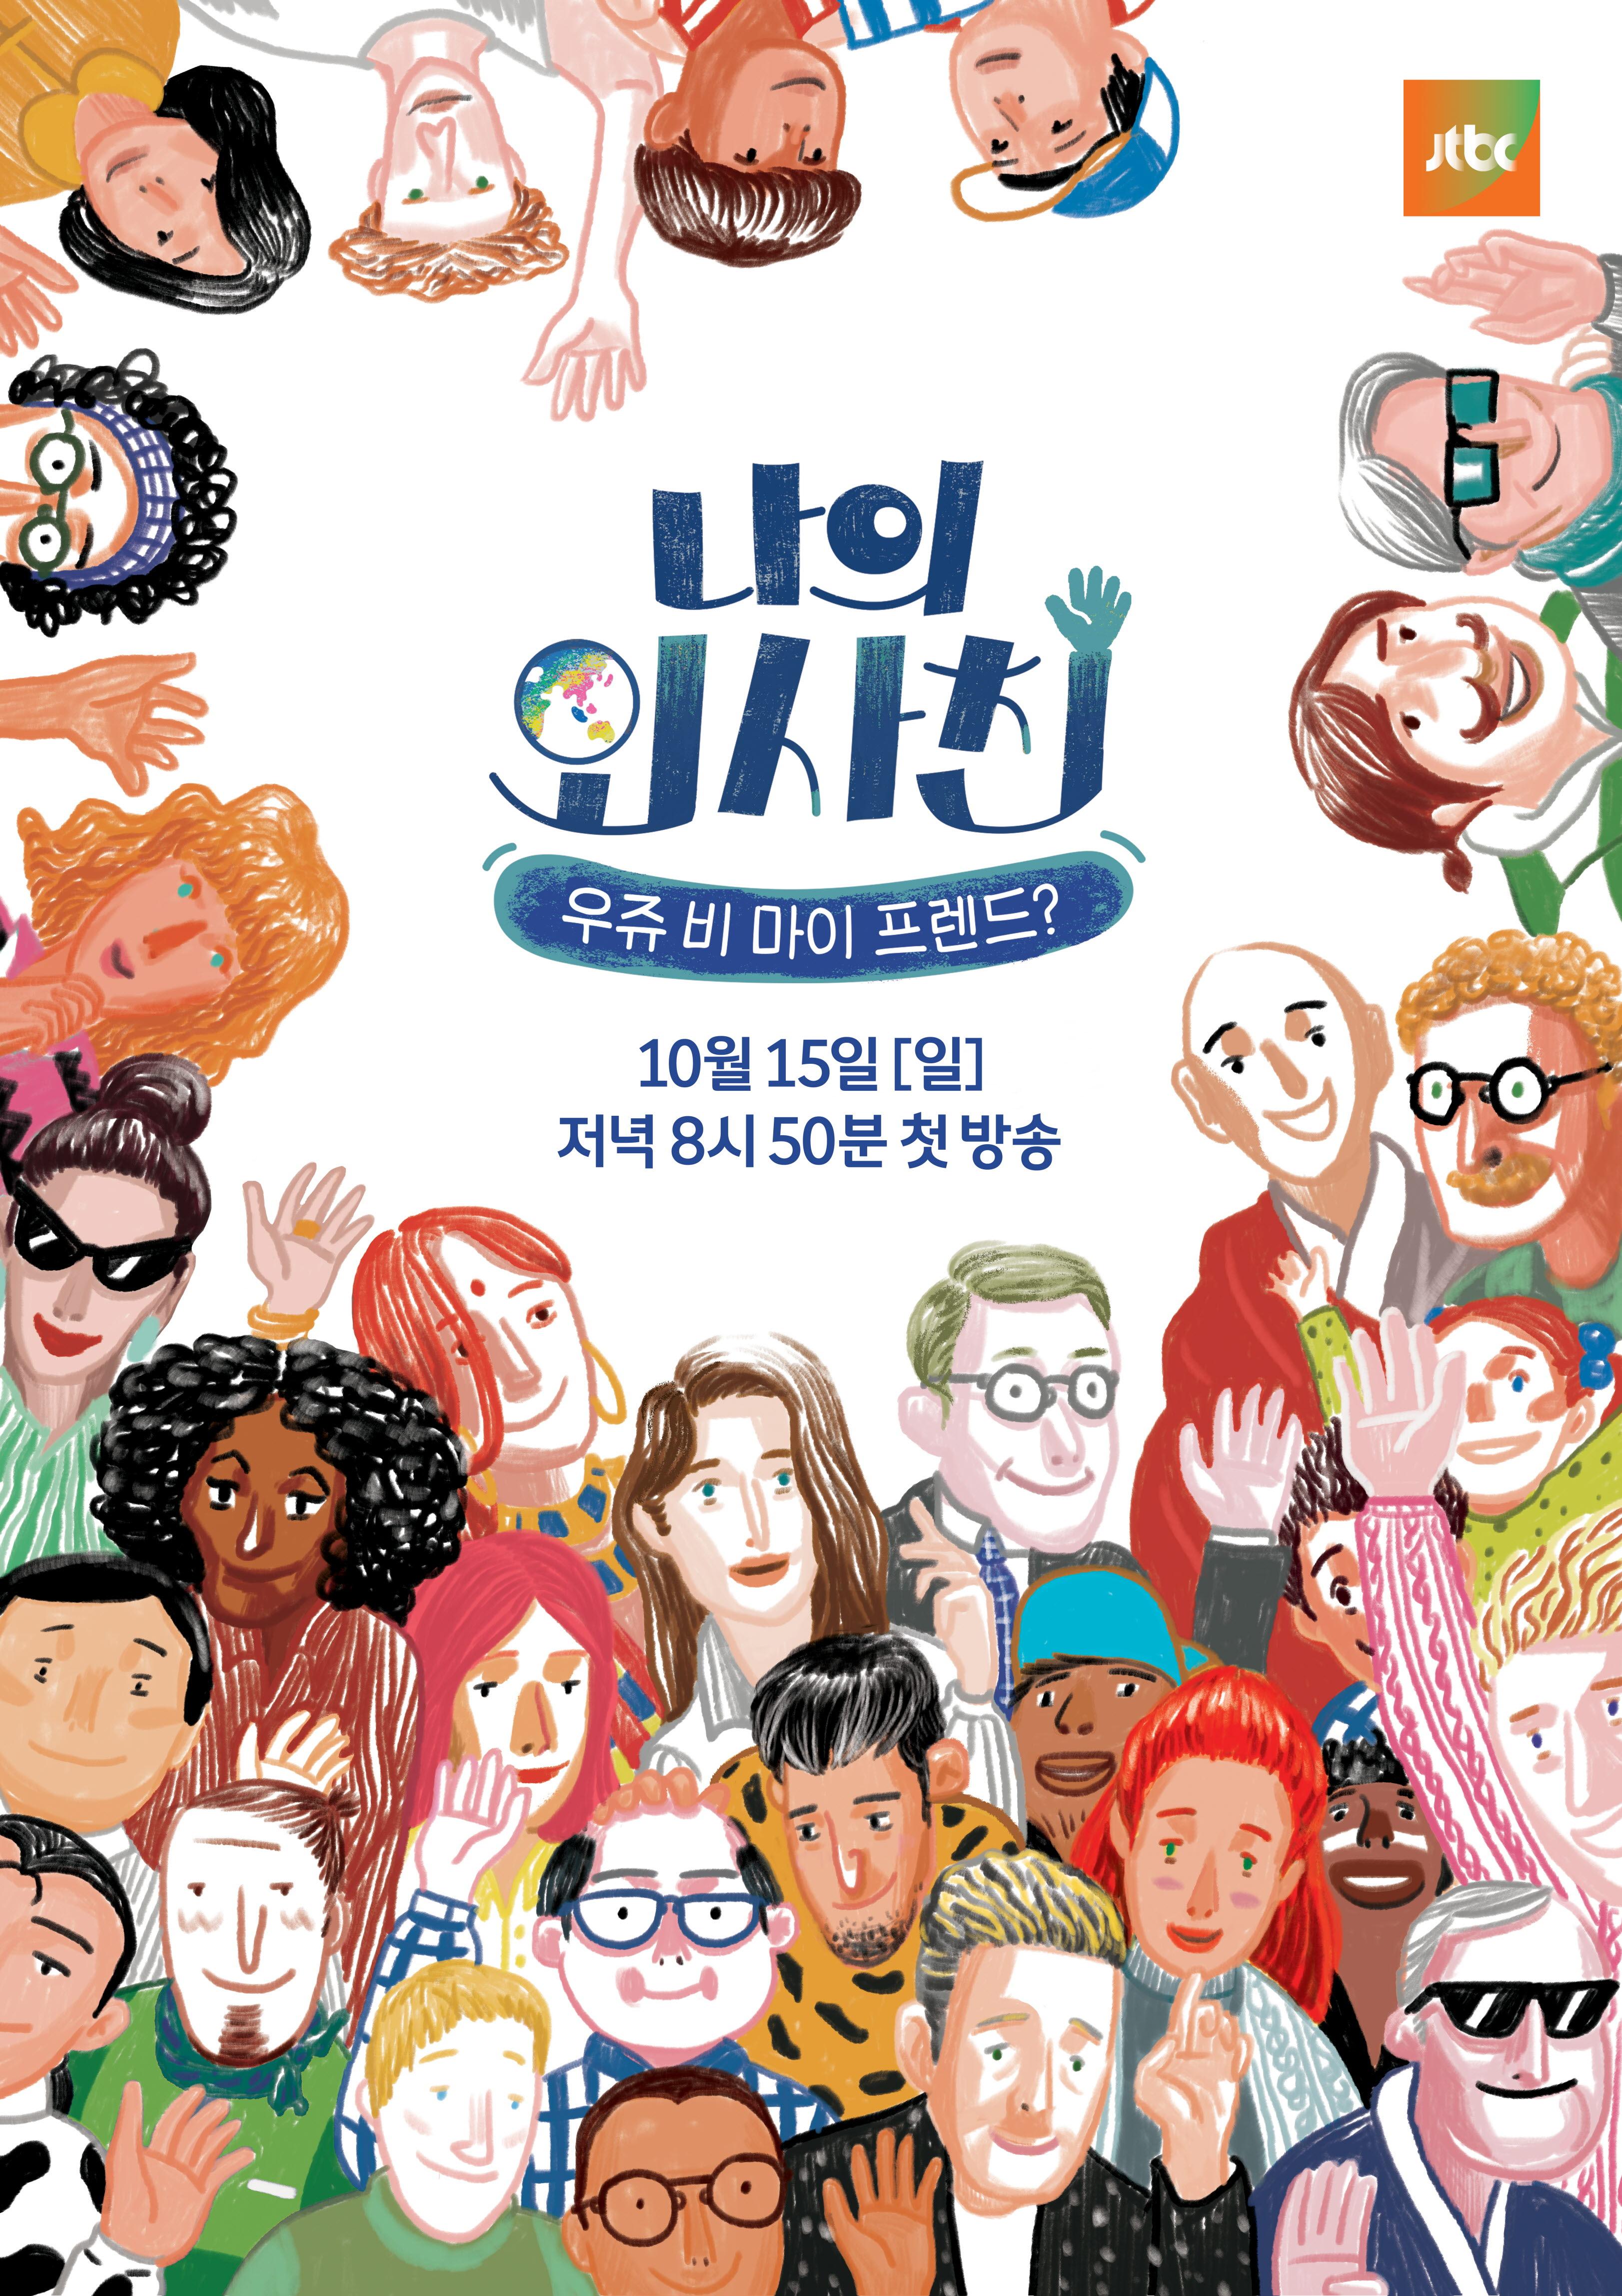 <효리네 민박> 후속, '일상공감예능' <나의 외사친>으로 확정!